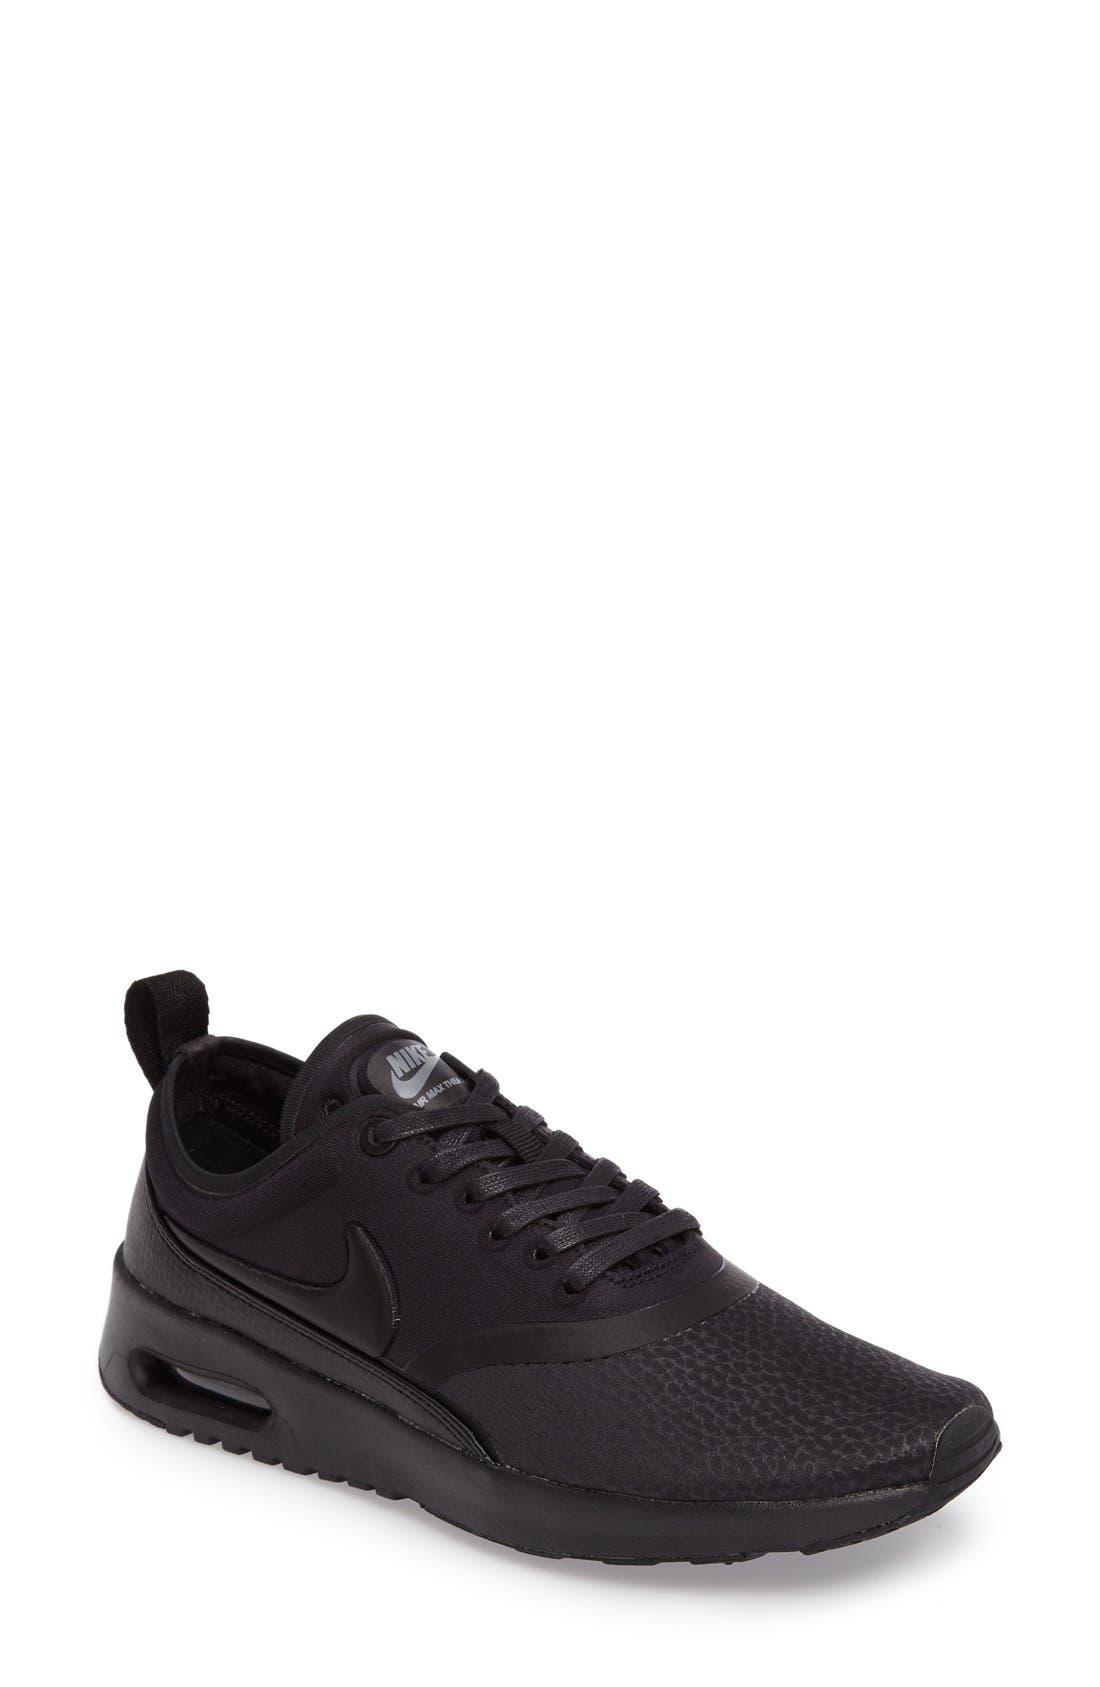 Alternate Image 1 Selected - Nike Air Max Thea Ultra Premium Sneaker (Women)